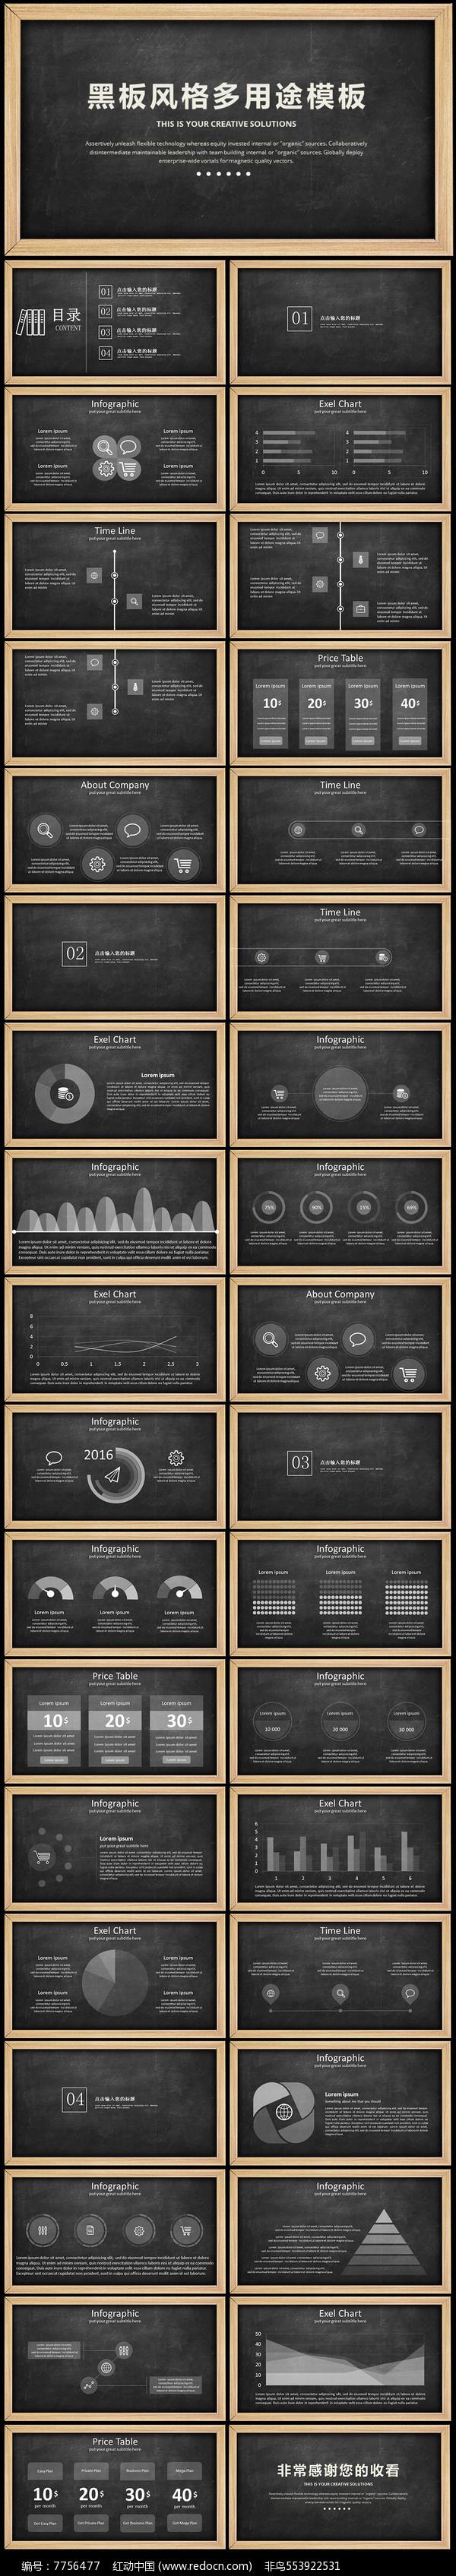 创意黑板风论文答辩PPT模板素材下载图片